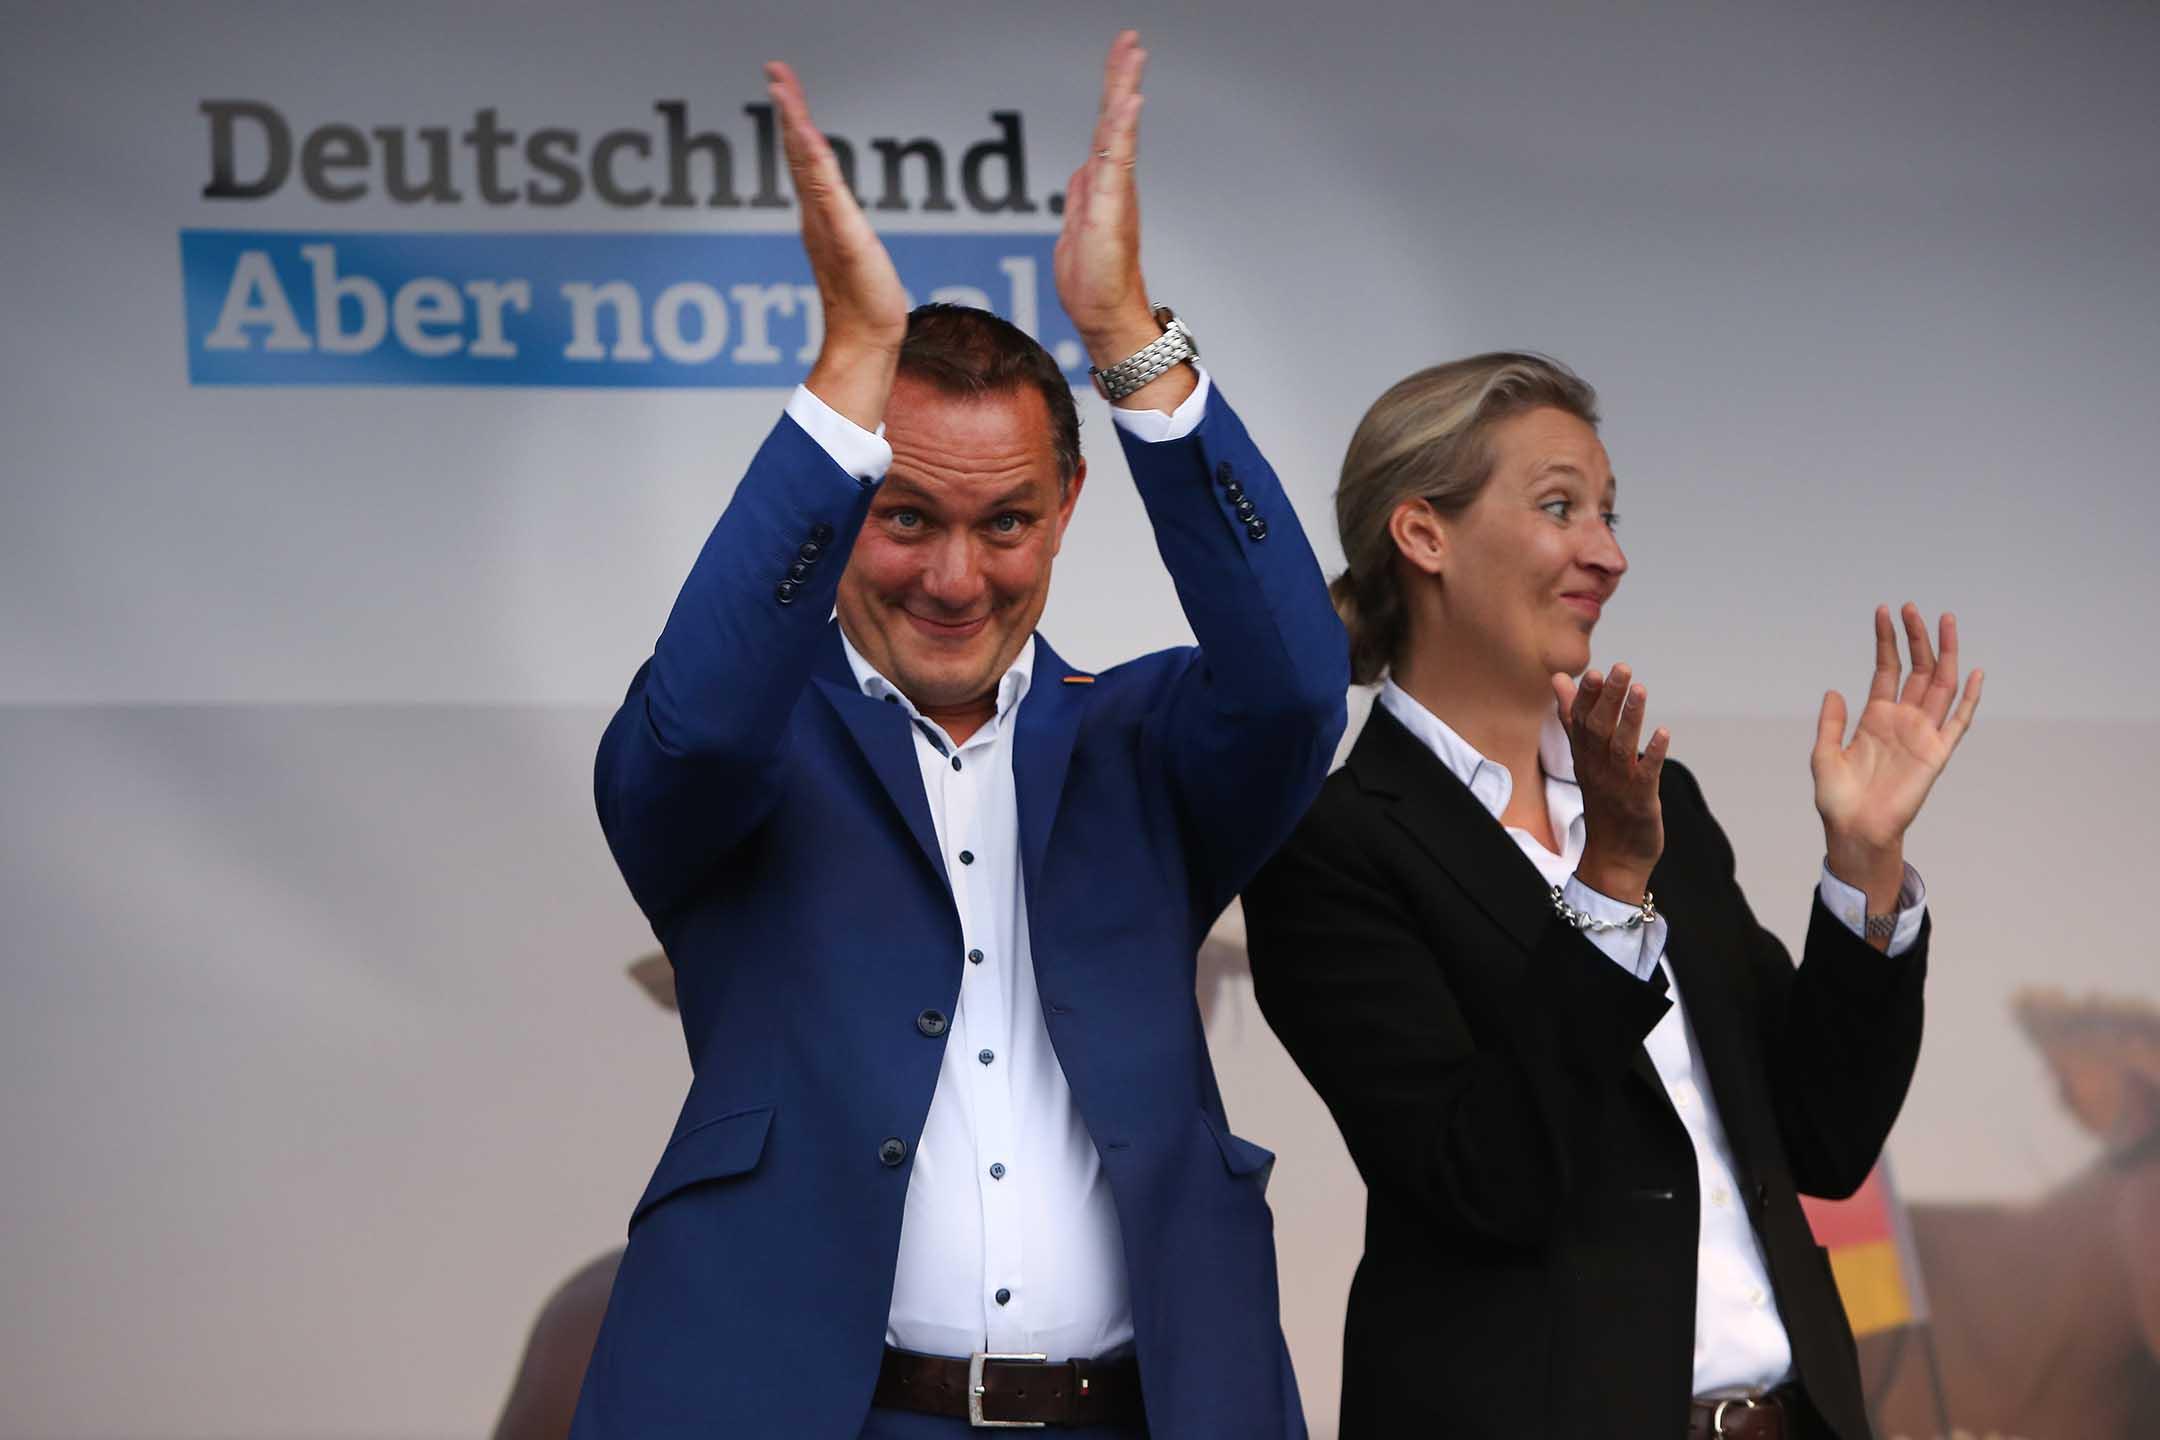 2021年8月10日德國施威林,赫魯帕拉和愛麗絲·魏德爾是德國選擇黨的總理候選人,他們在競選集會上向支持者鼓掌。